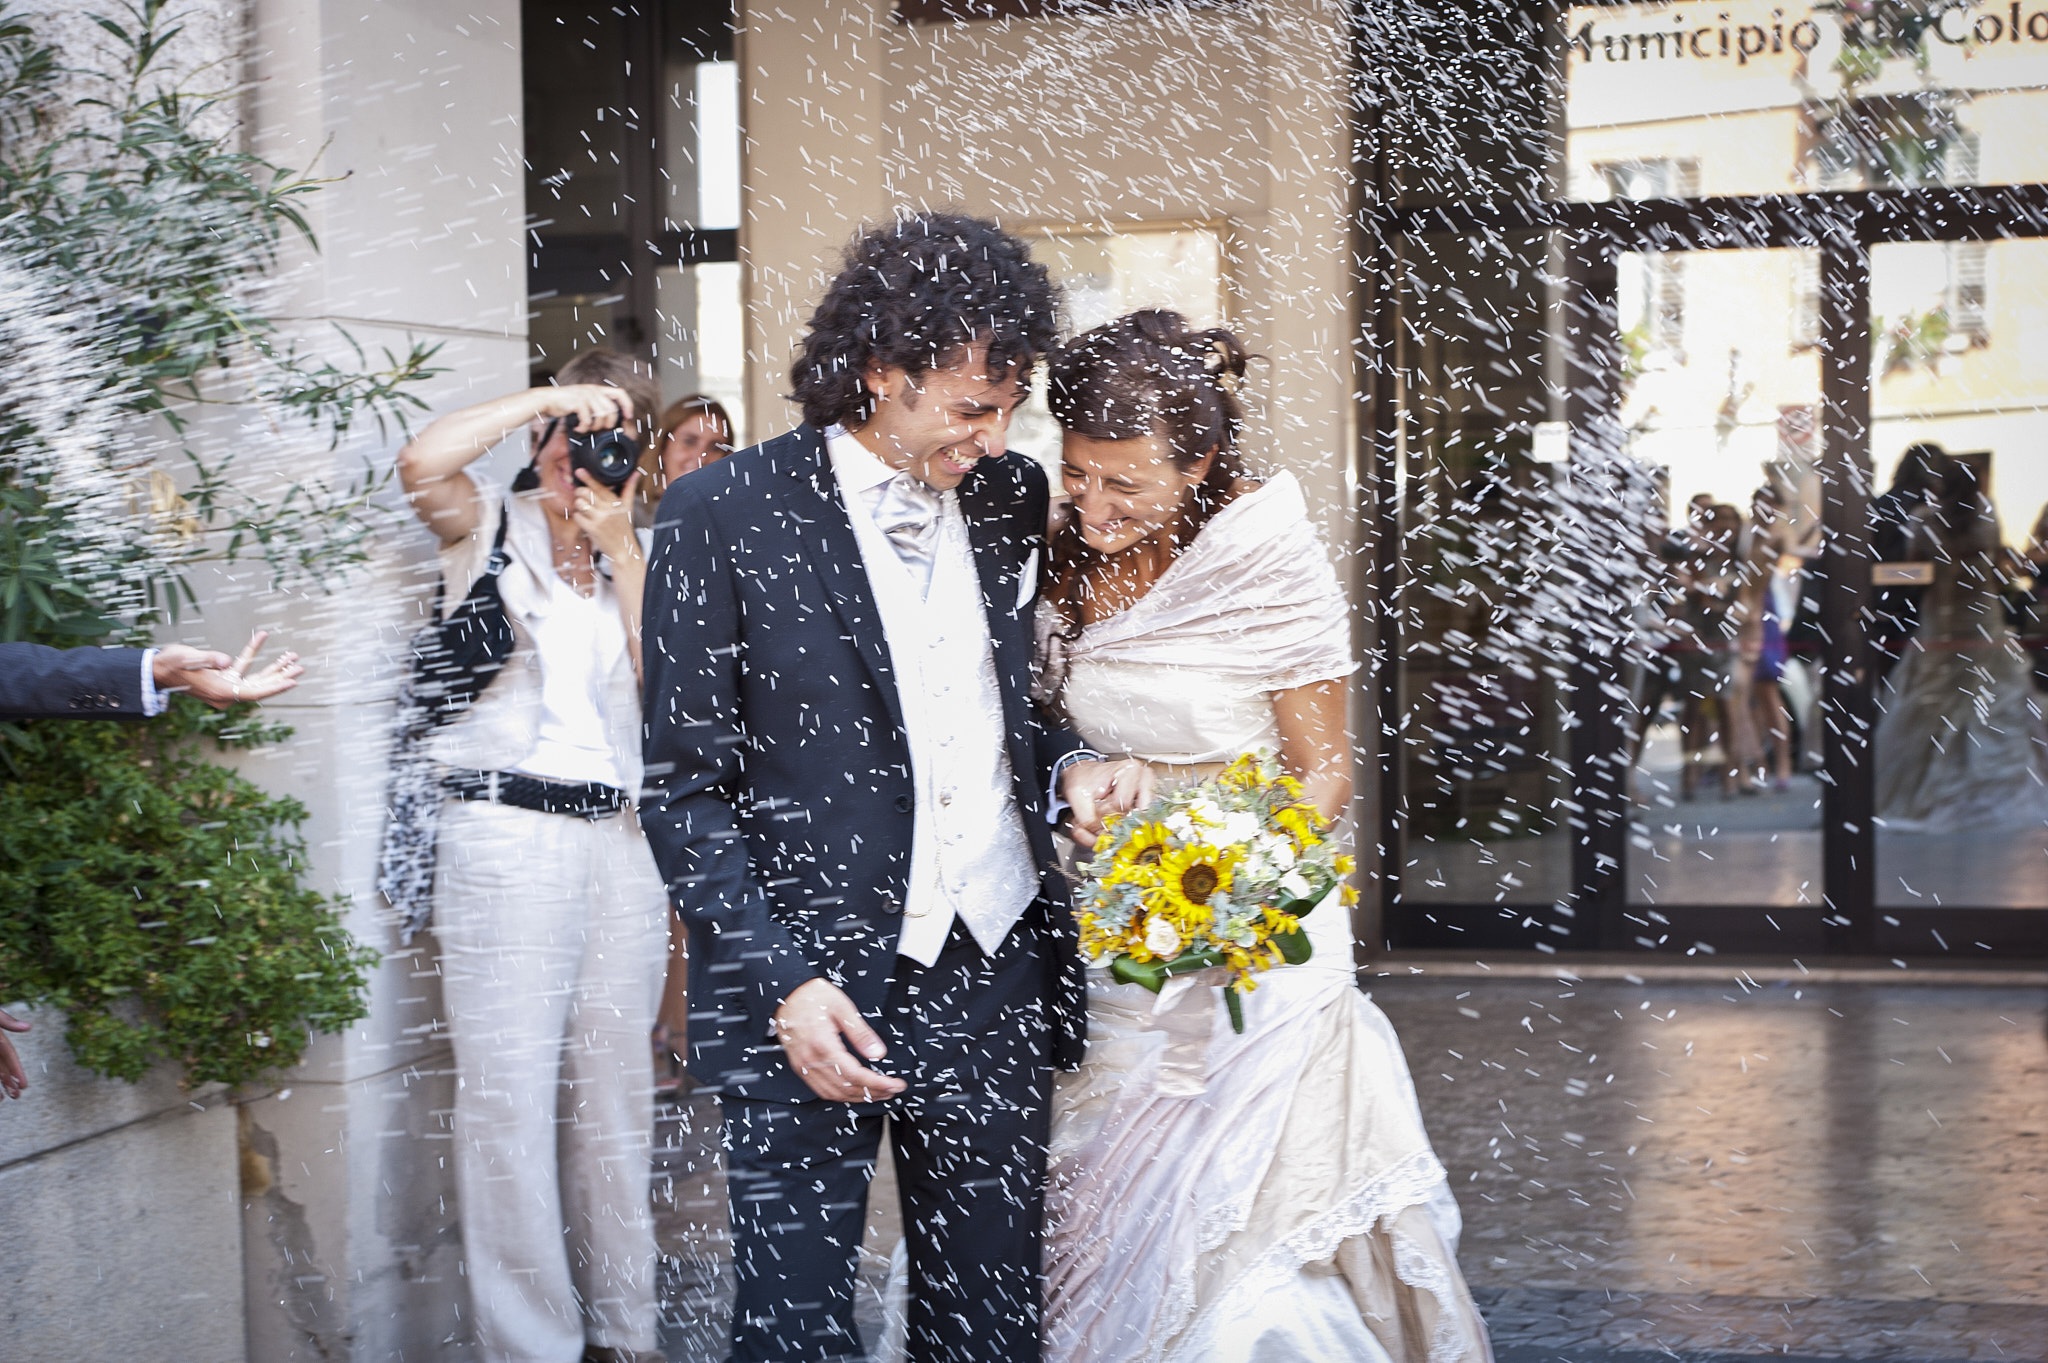 matrimonio rid 0_24